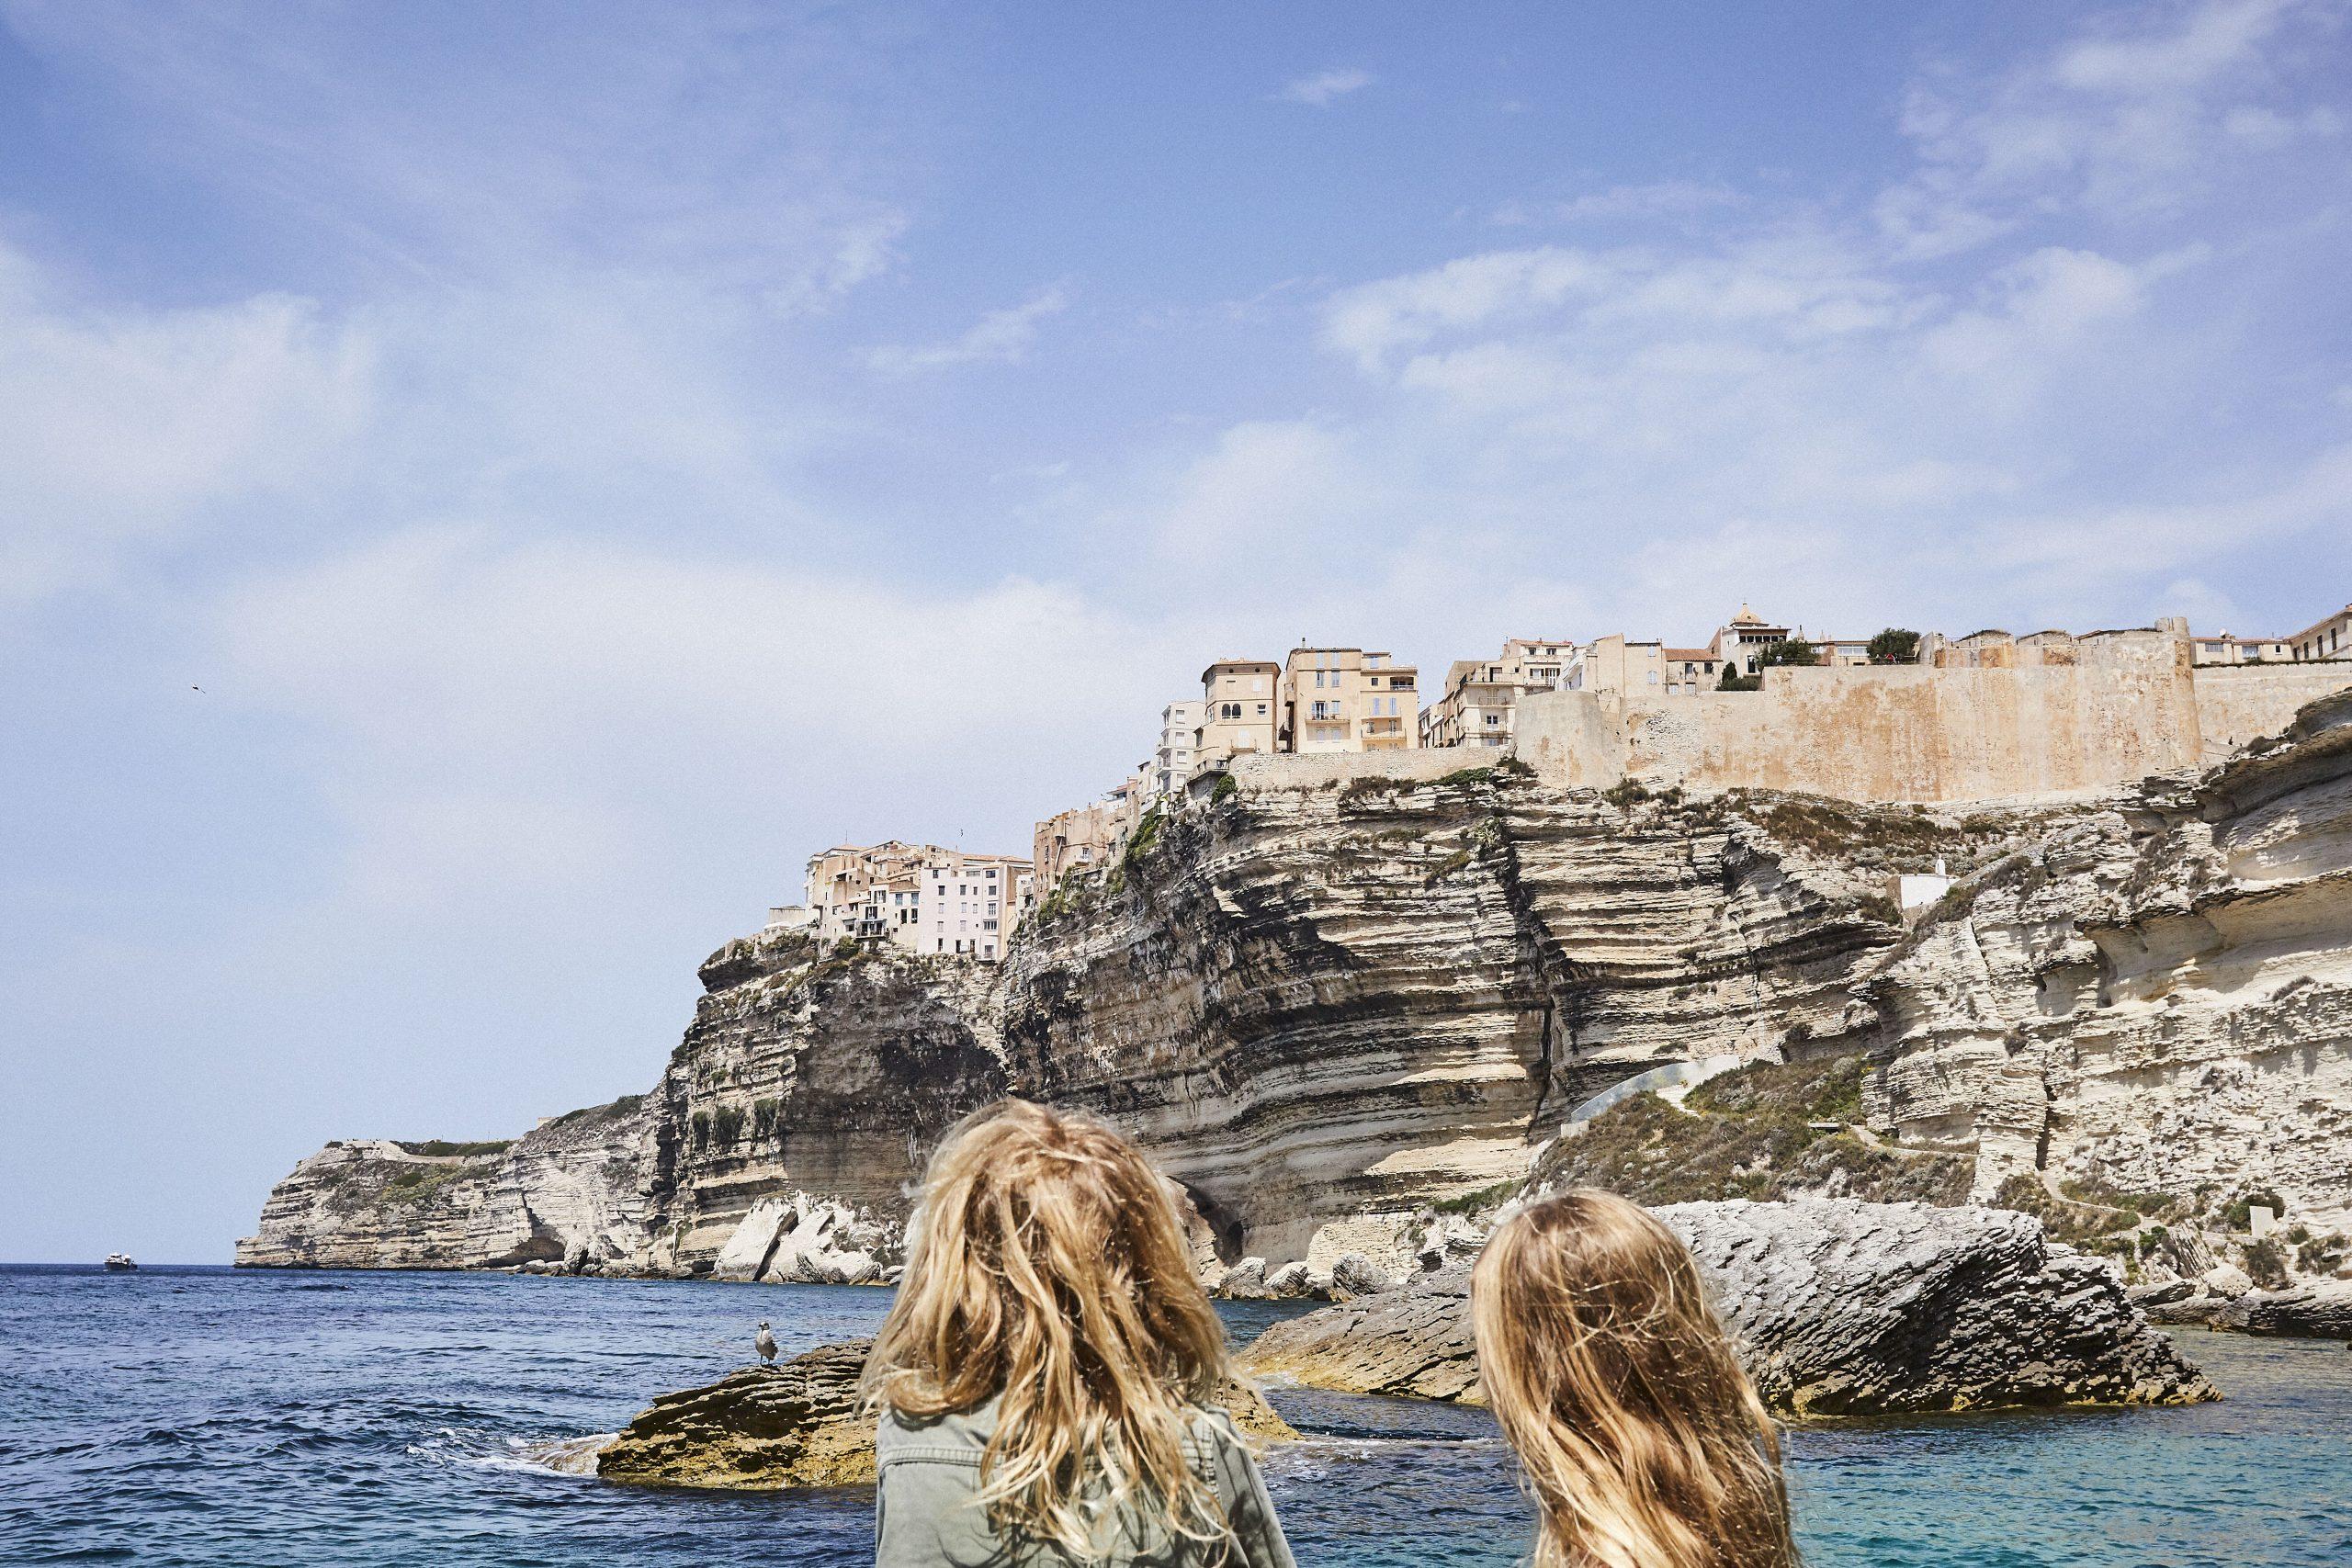 Corsica_0619_0P4A7657